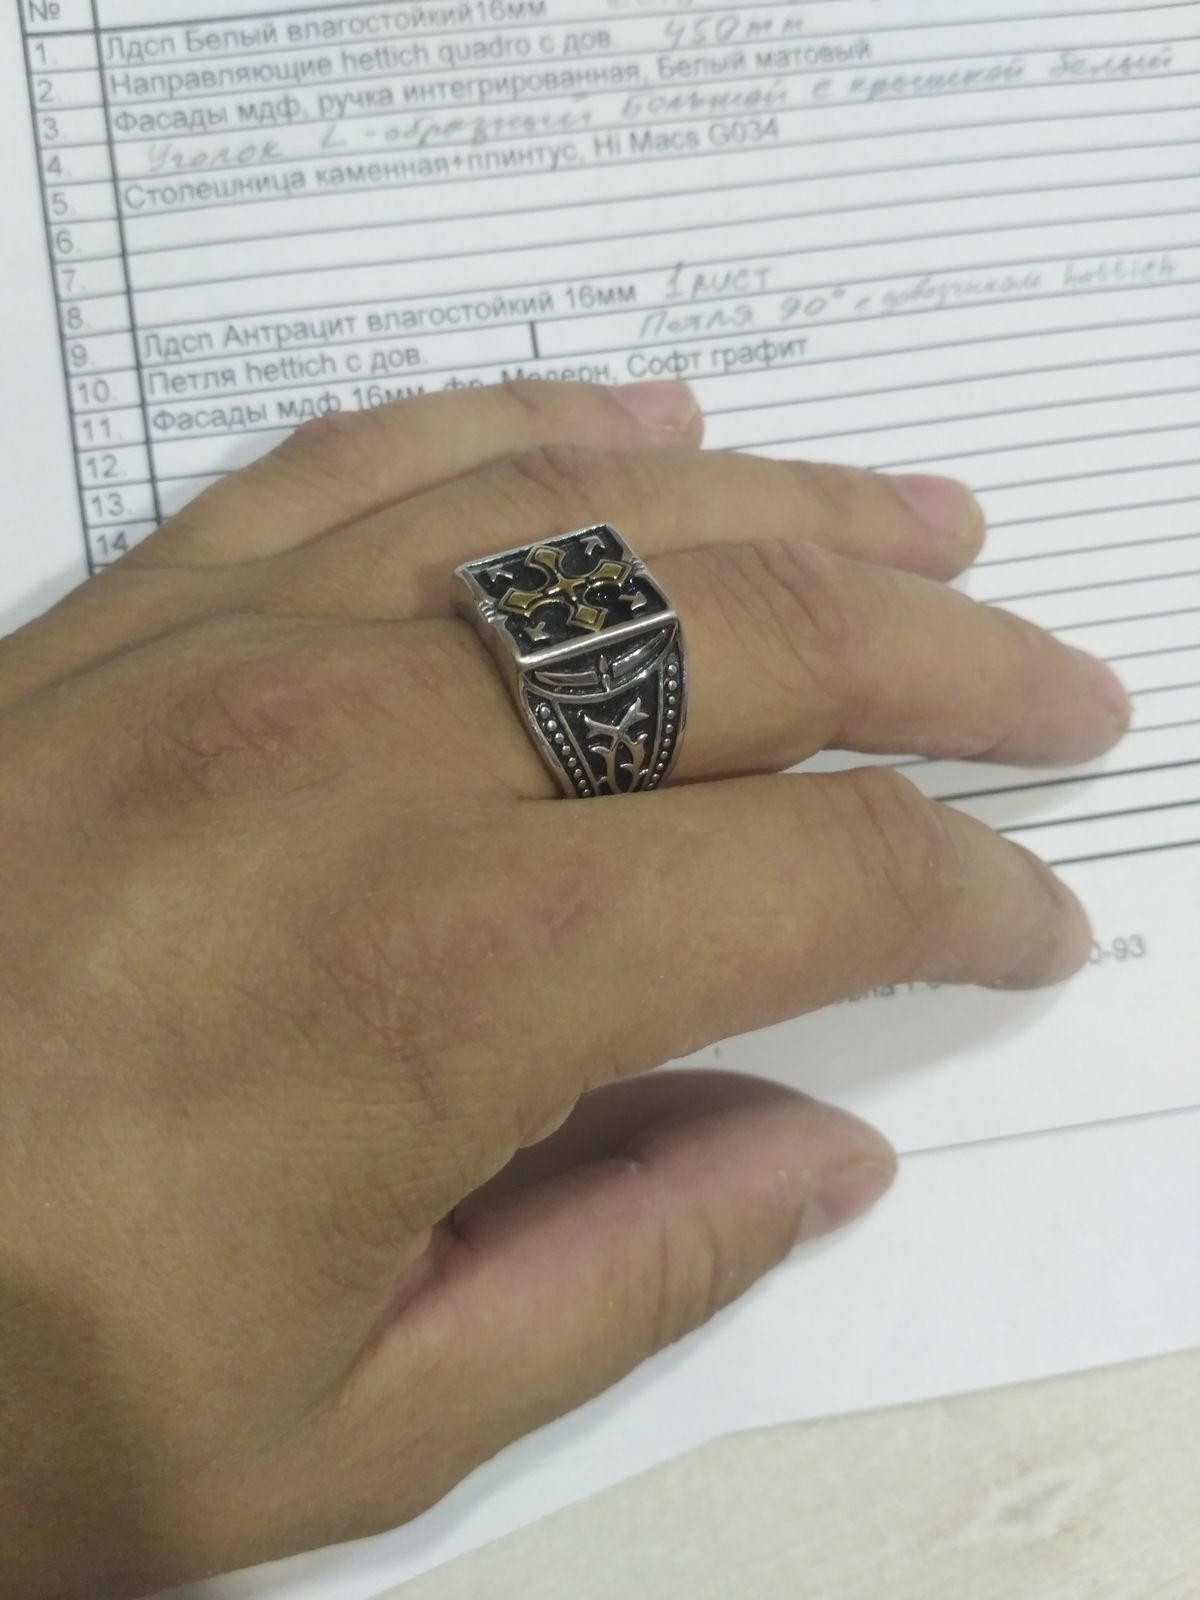 Перстень для себя любимого  😂